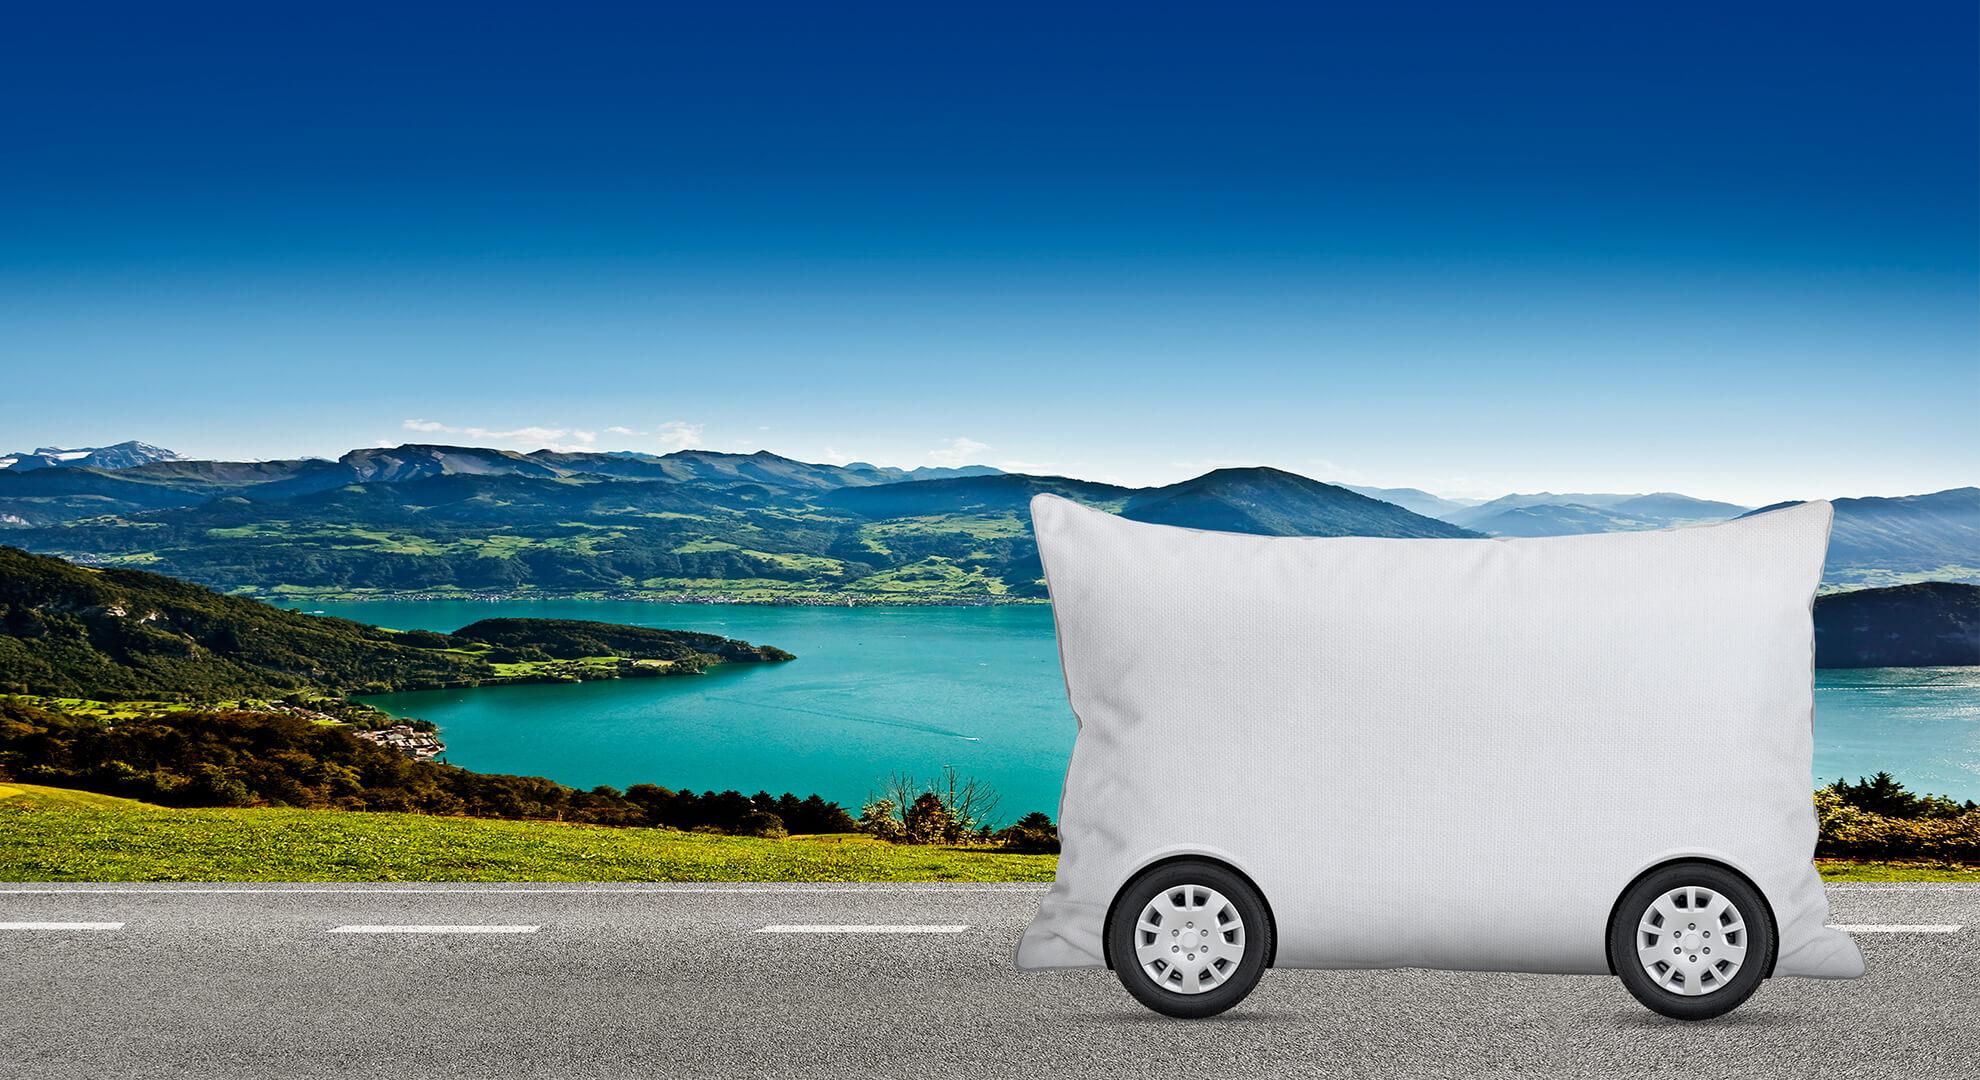 Suisse Caravan Salon - Suisse Caravan Salon